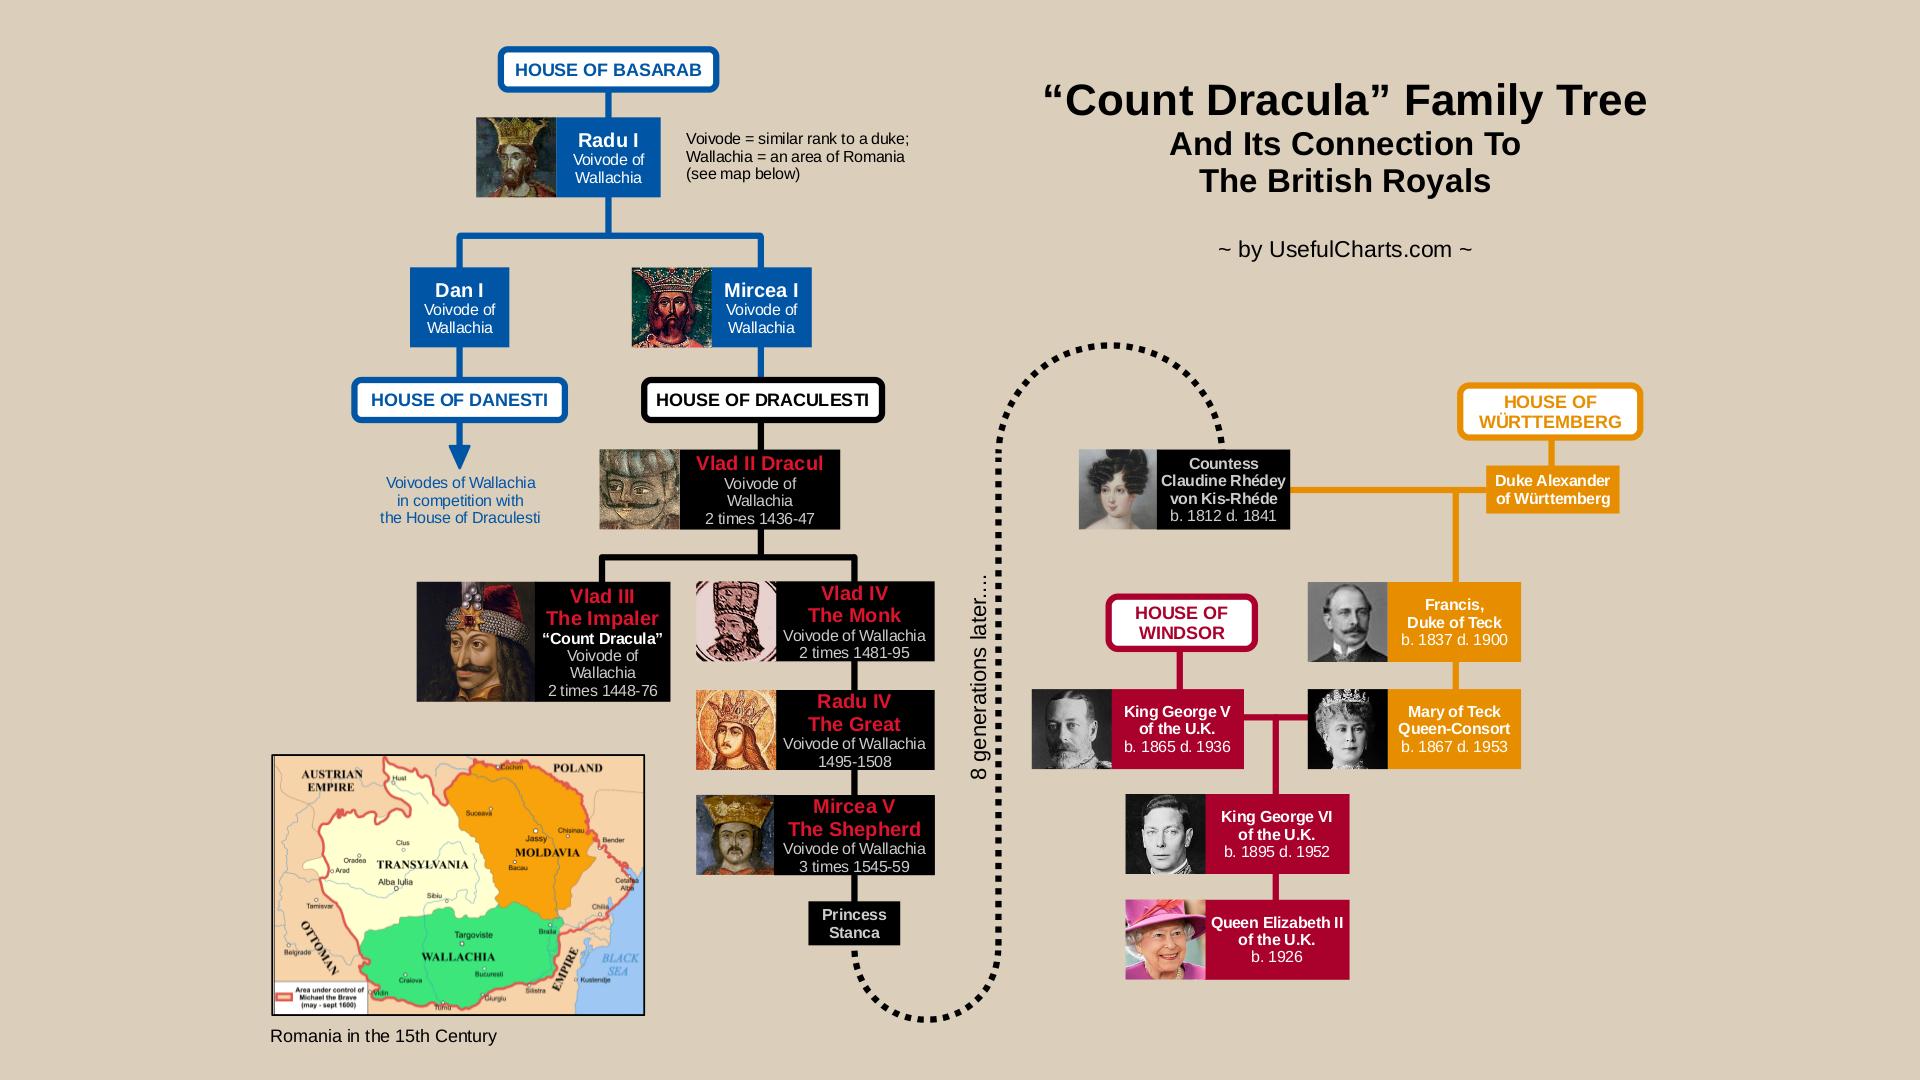 Count Dracula Family tree